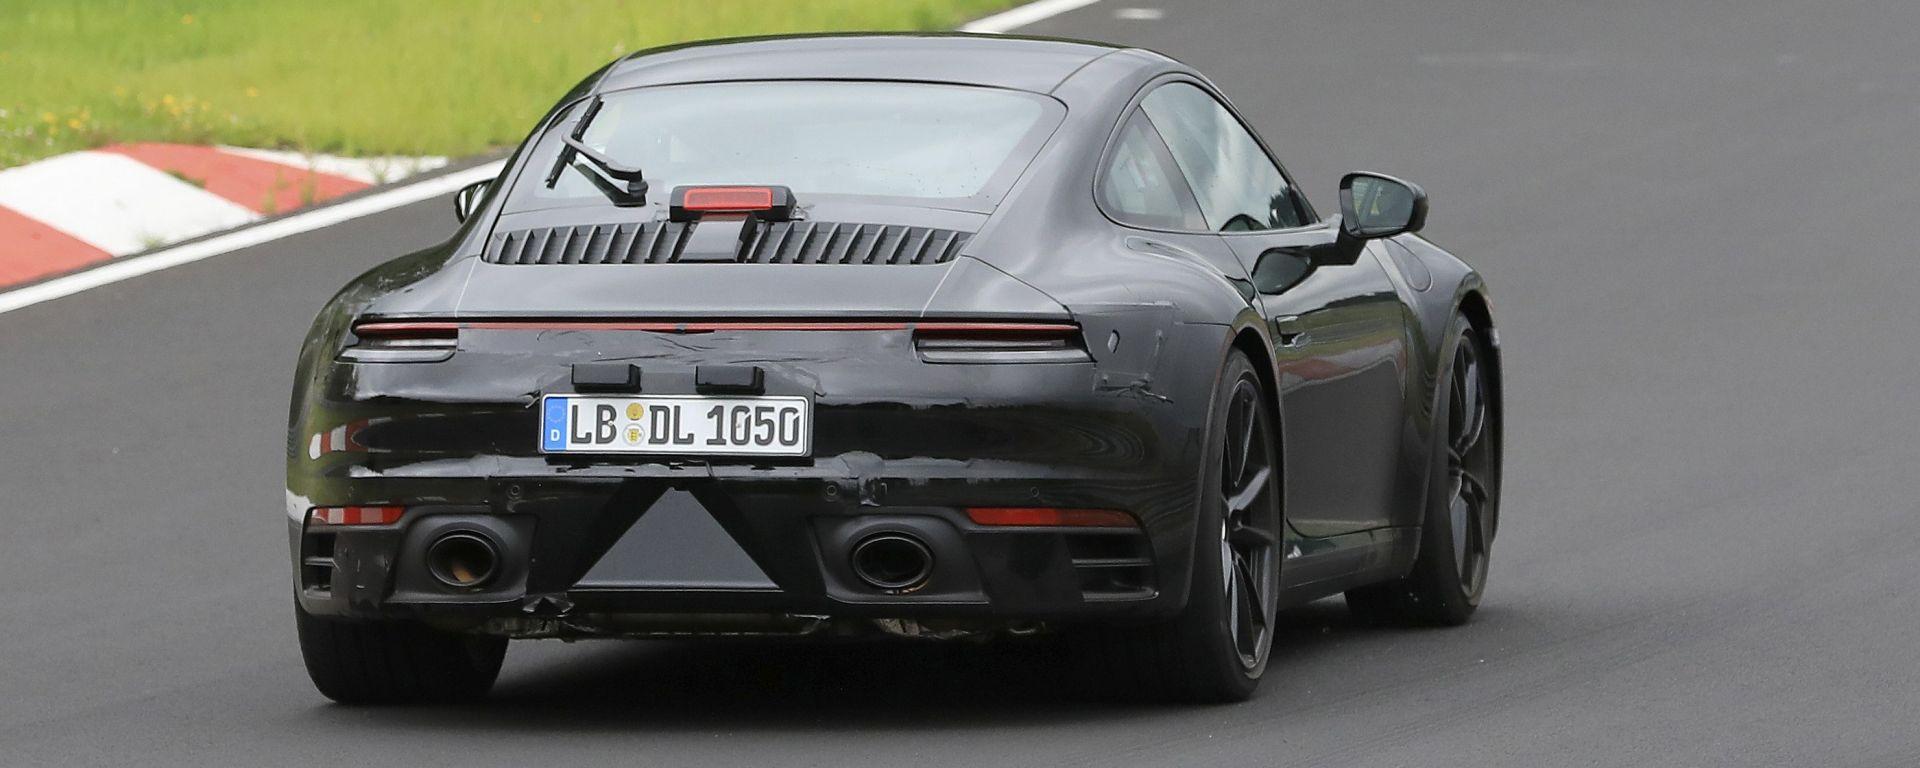 Nuova Porsche 911 GT3 2019: avrà un motore turbo?